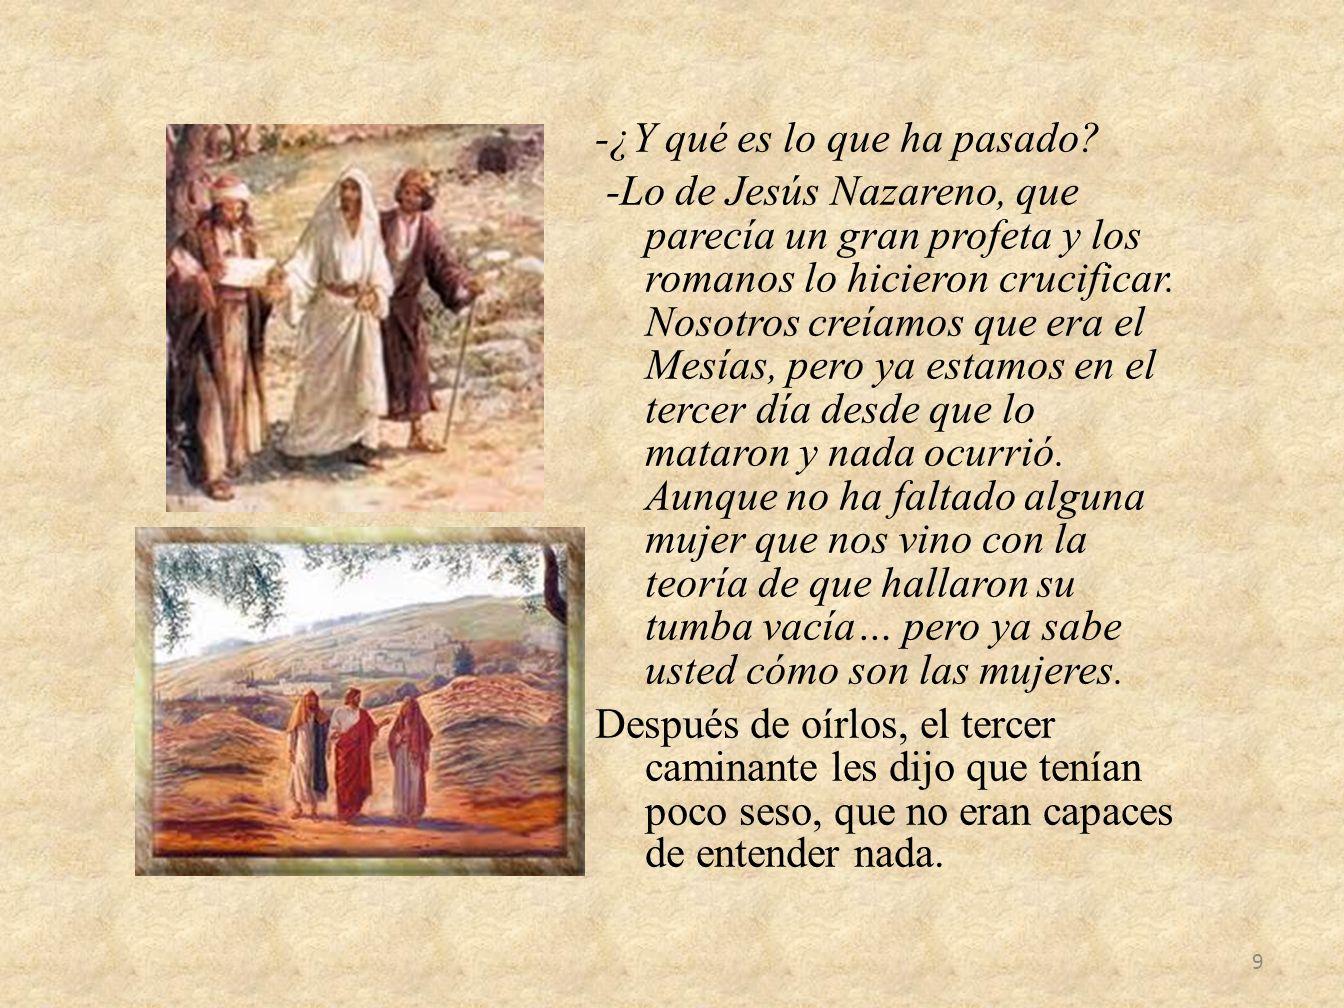 -¿Y qué es lo que ha pasado? -Lo de Jesús Nazareno, que parecía un gran profeta y los romanos lo hicieron crucificar. Nosotros creíamos que era el Mes